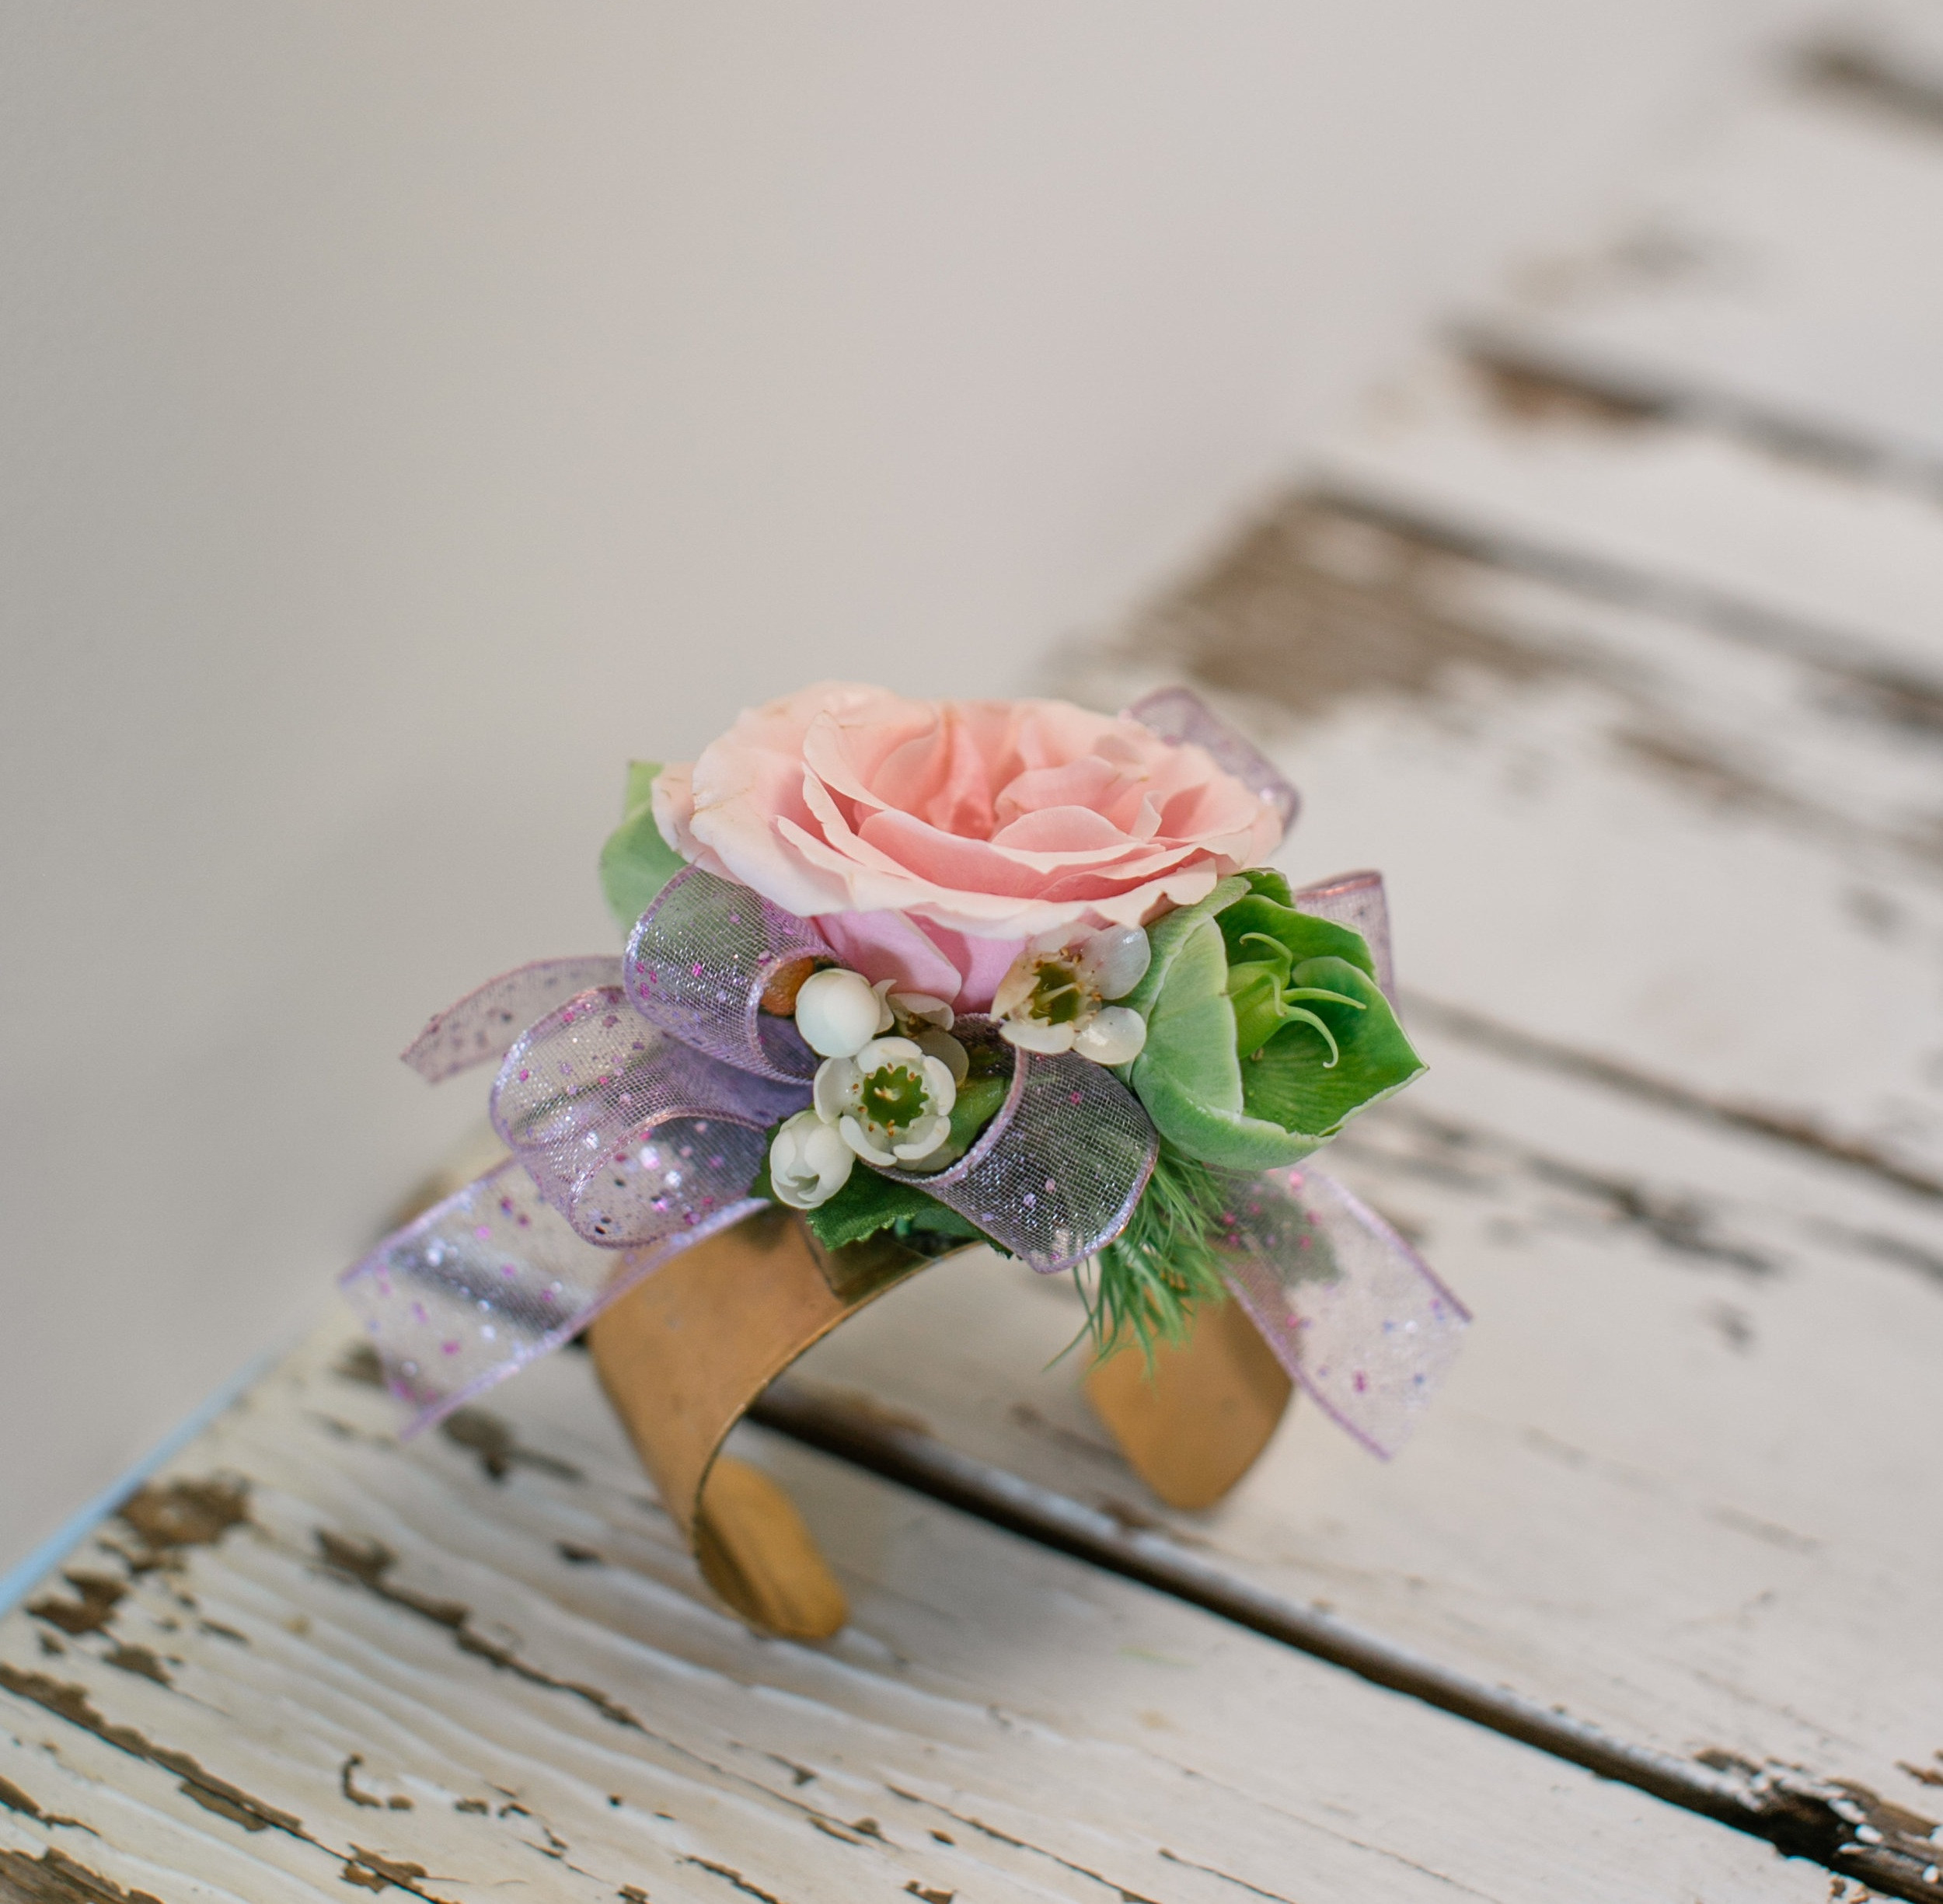 LAV-BLUE-des-moines-prom-flowers-21.jpg